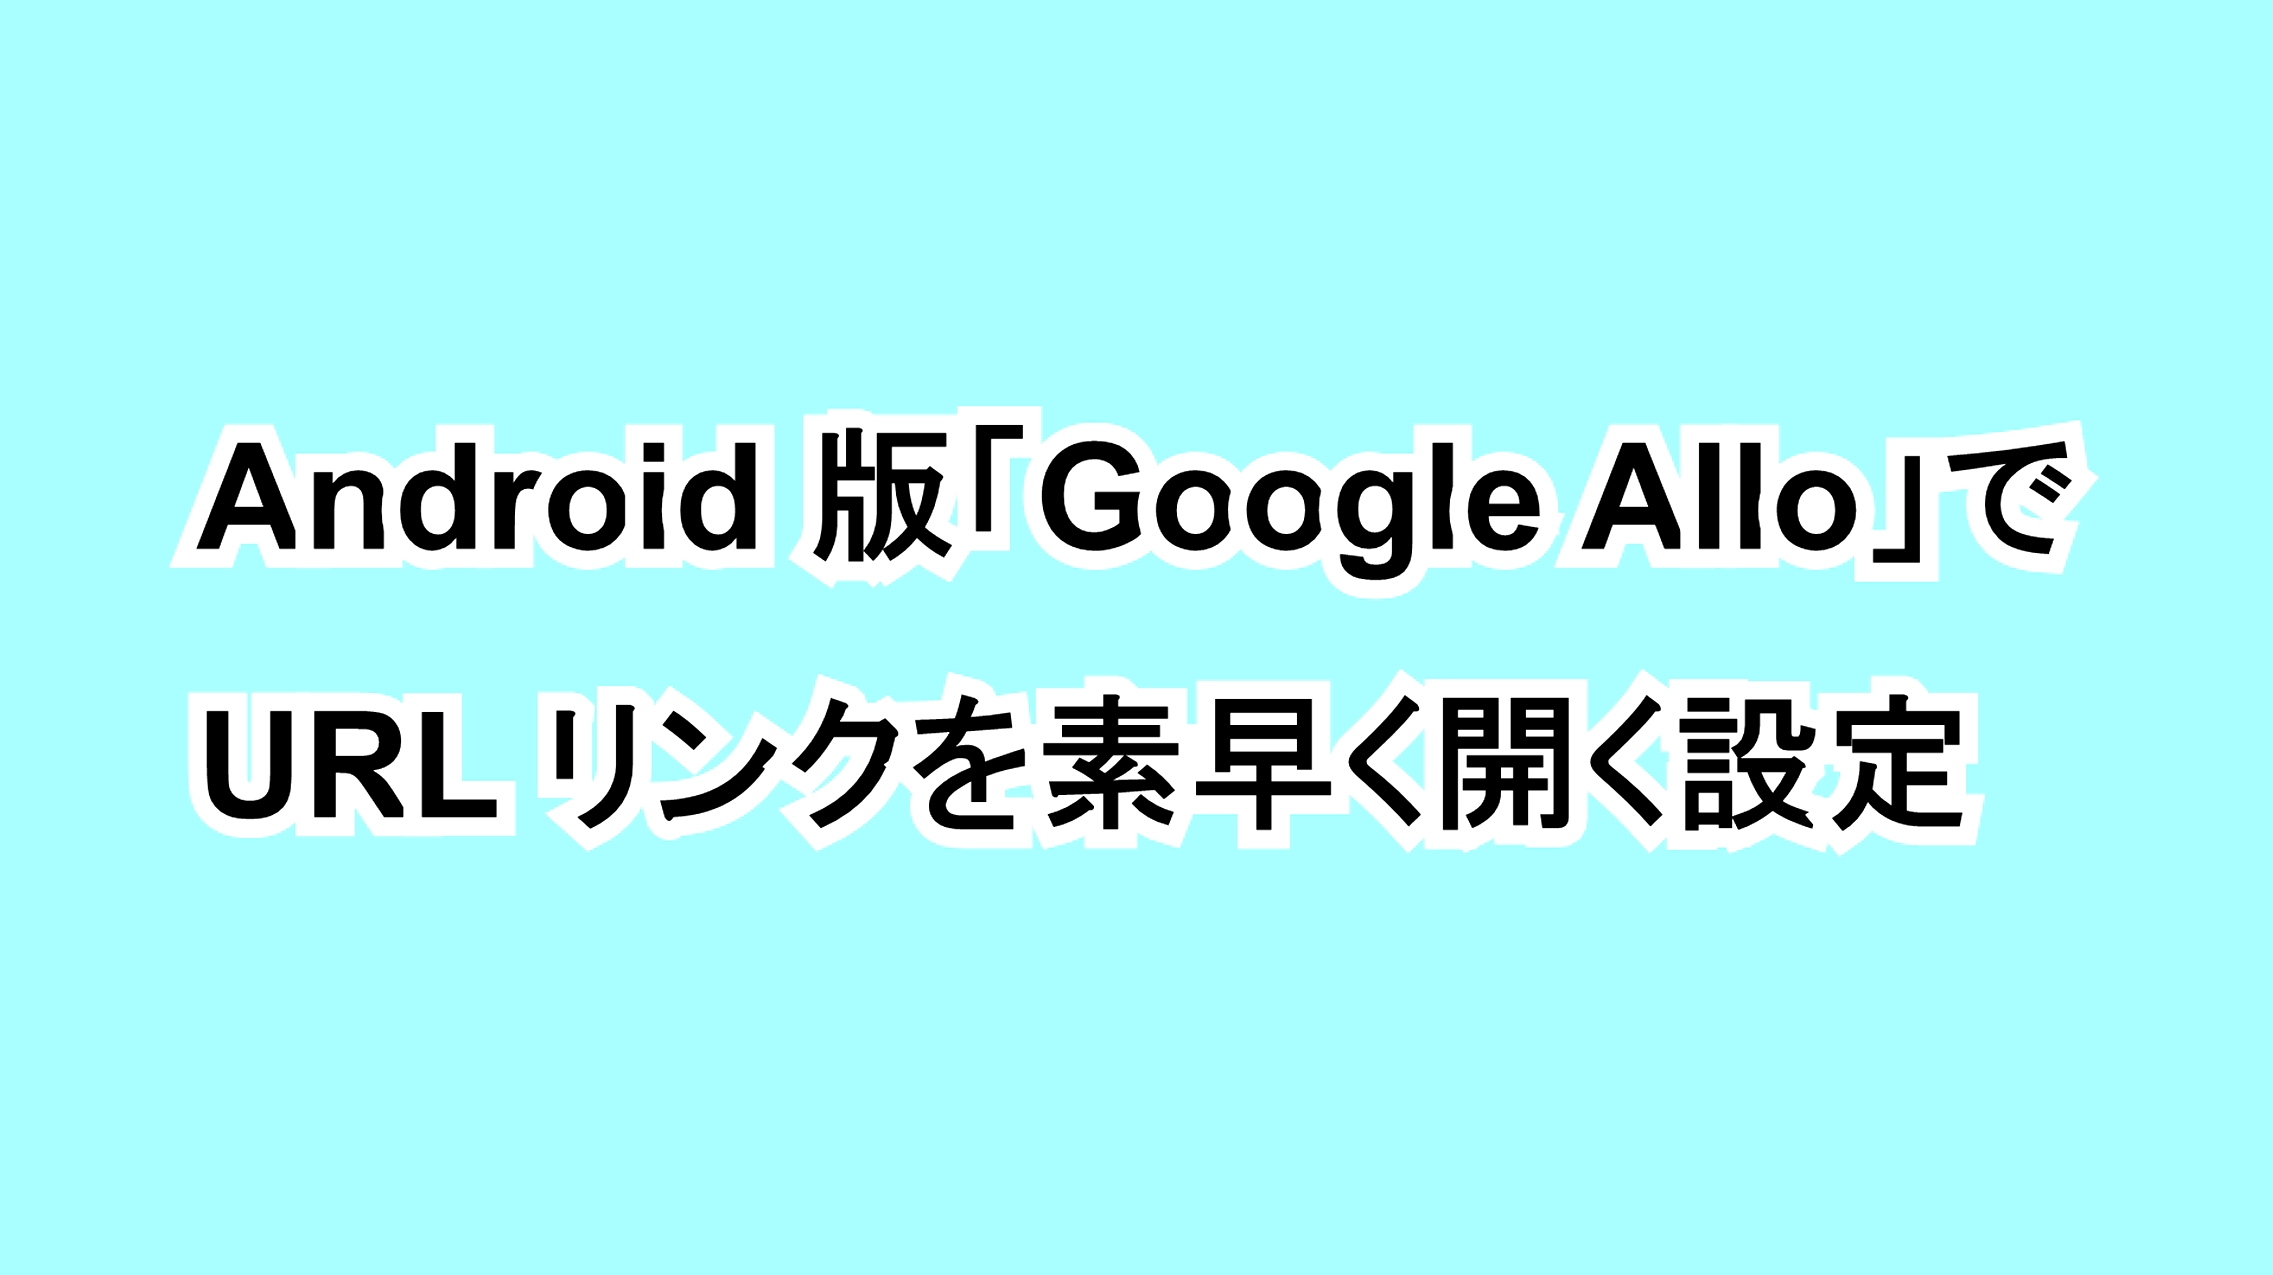 Android版「Google Allo」でURLリンクを素早く開く設定